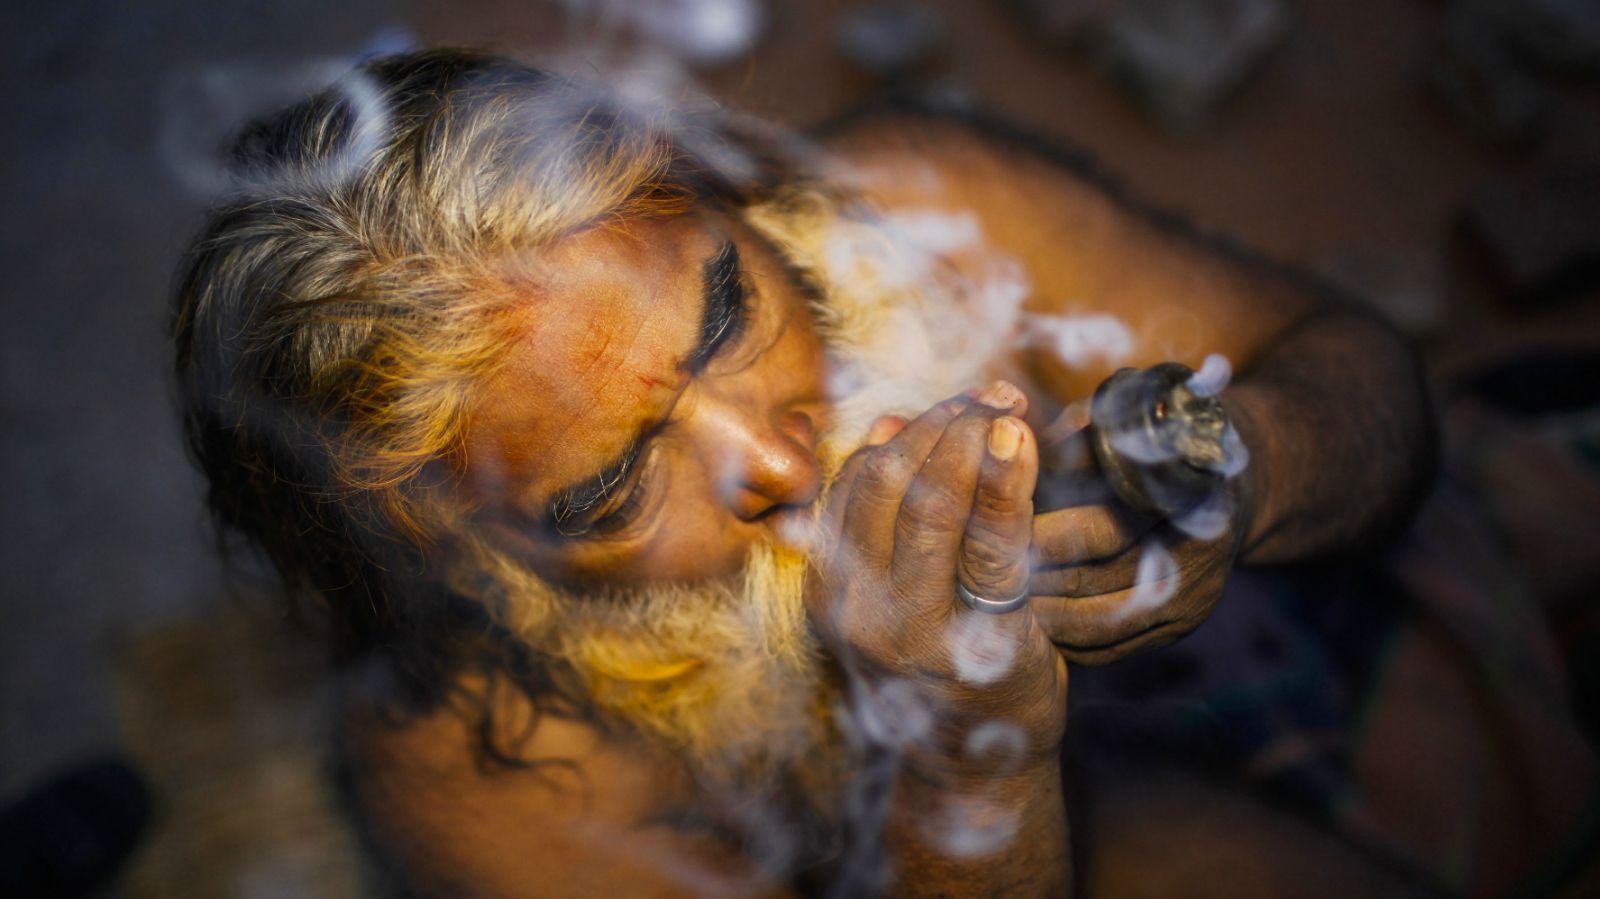 Nación Cannabis | La India se prepara para una posible legalización de la cannabis medicinal